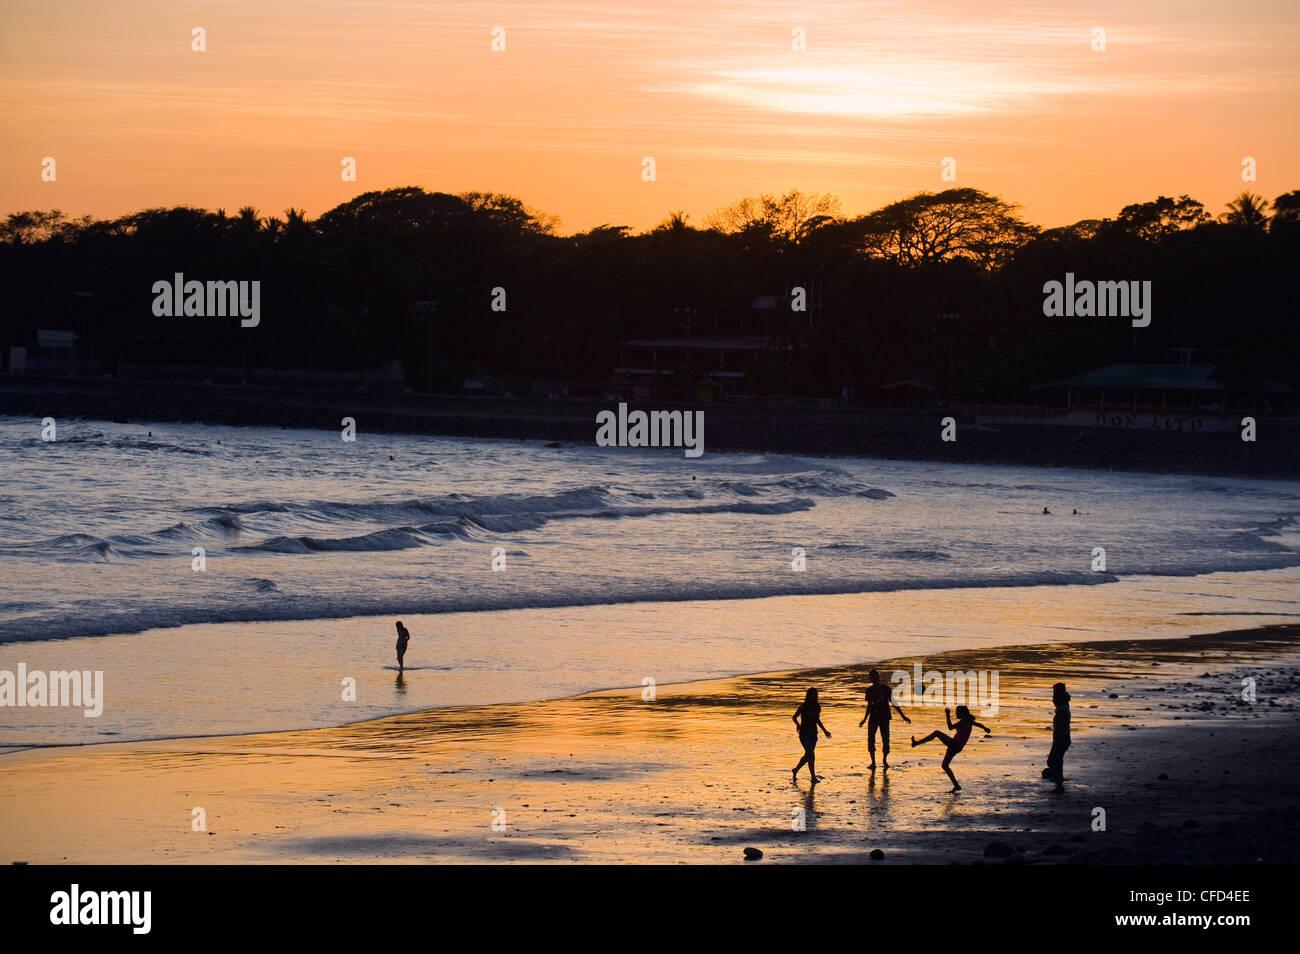 Les gens jouent au football sur la plage de La Libertad, la côte du  Pacifique 2393df9b5711